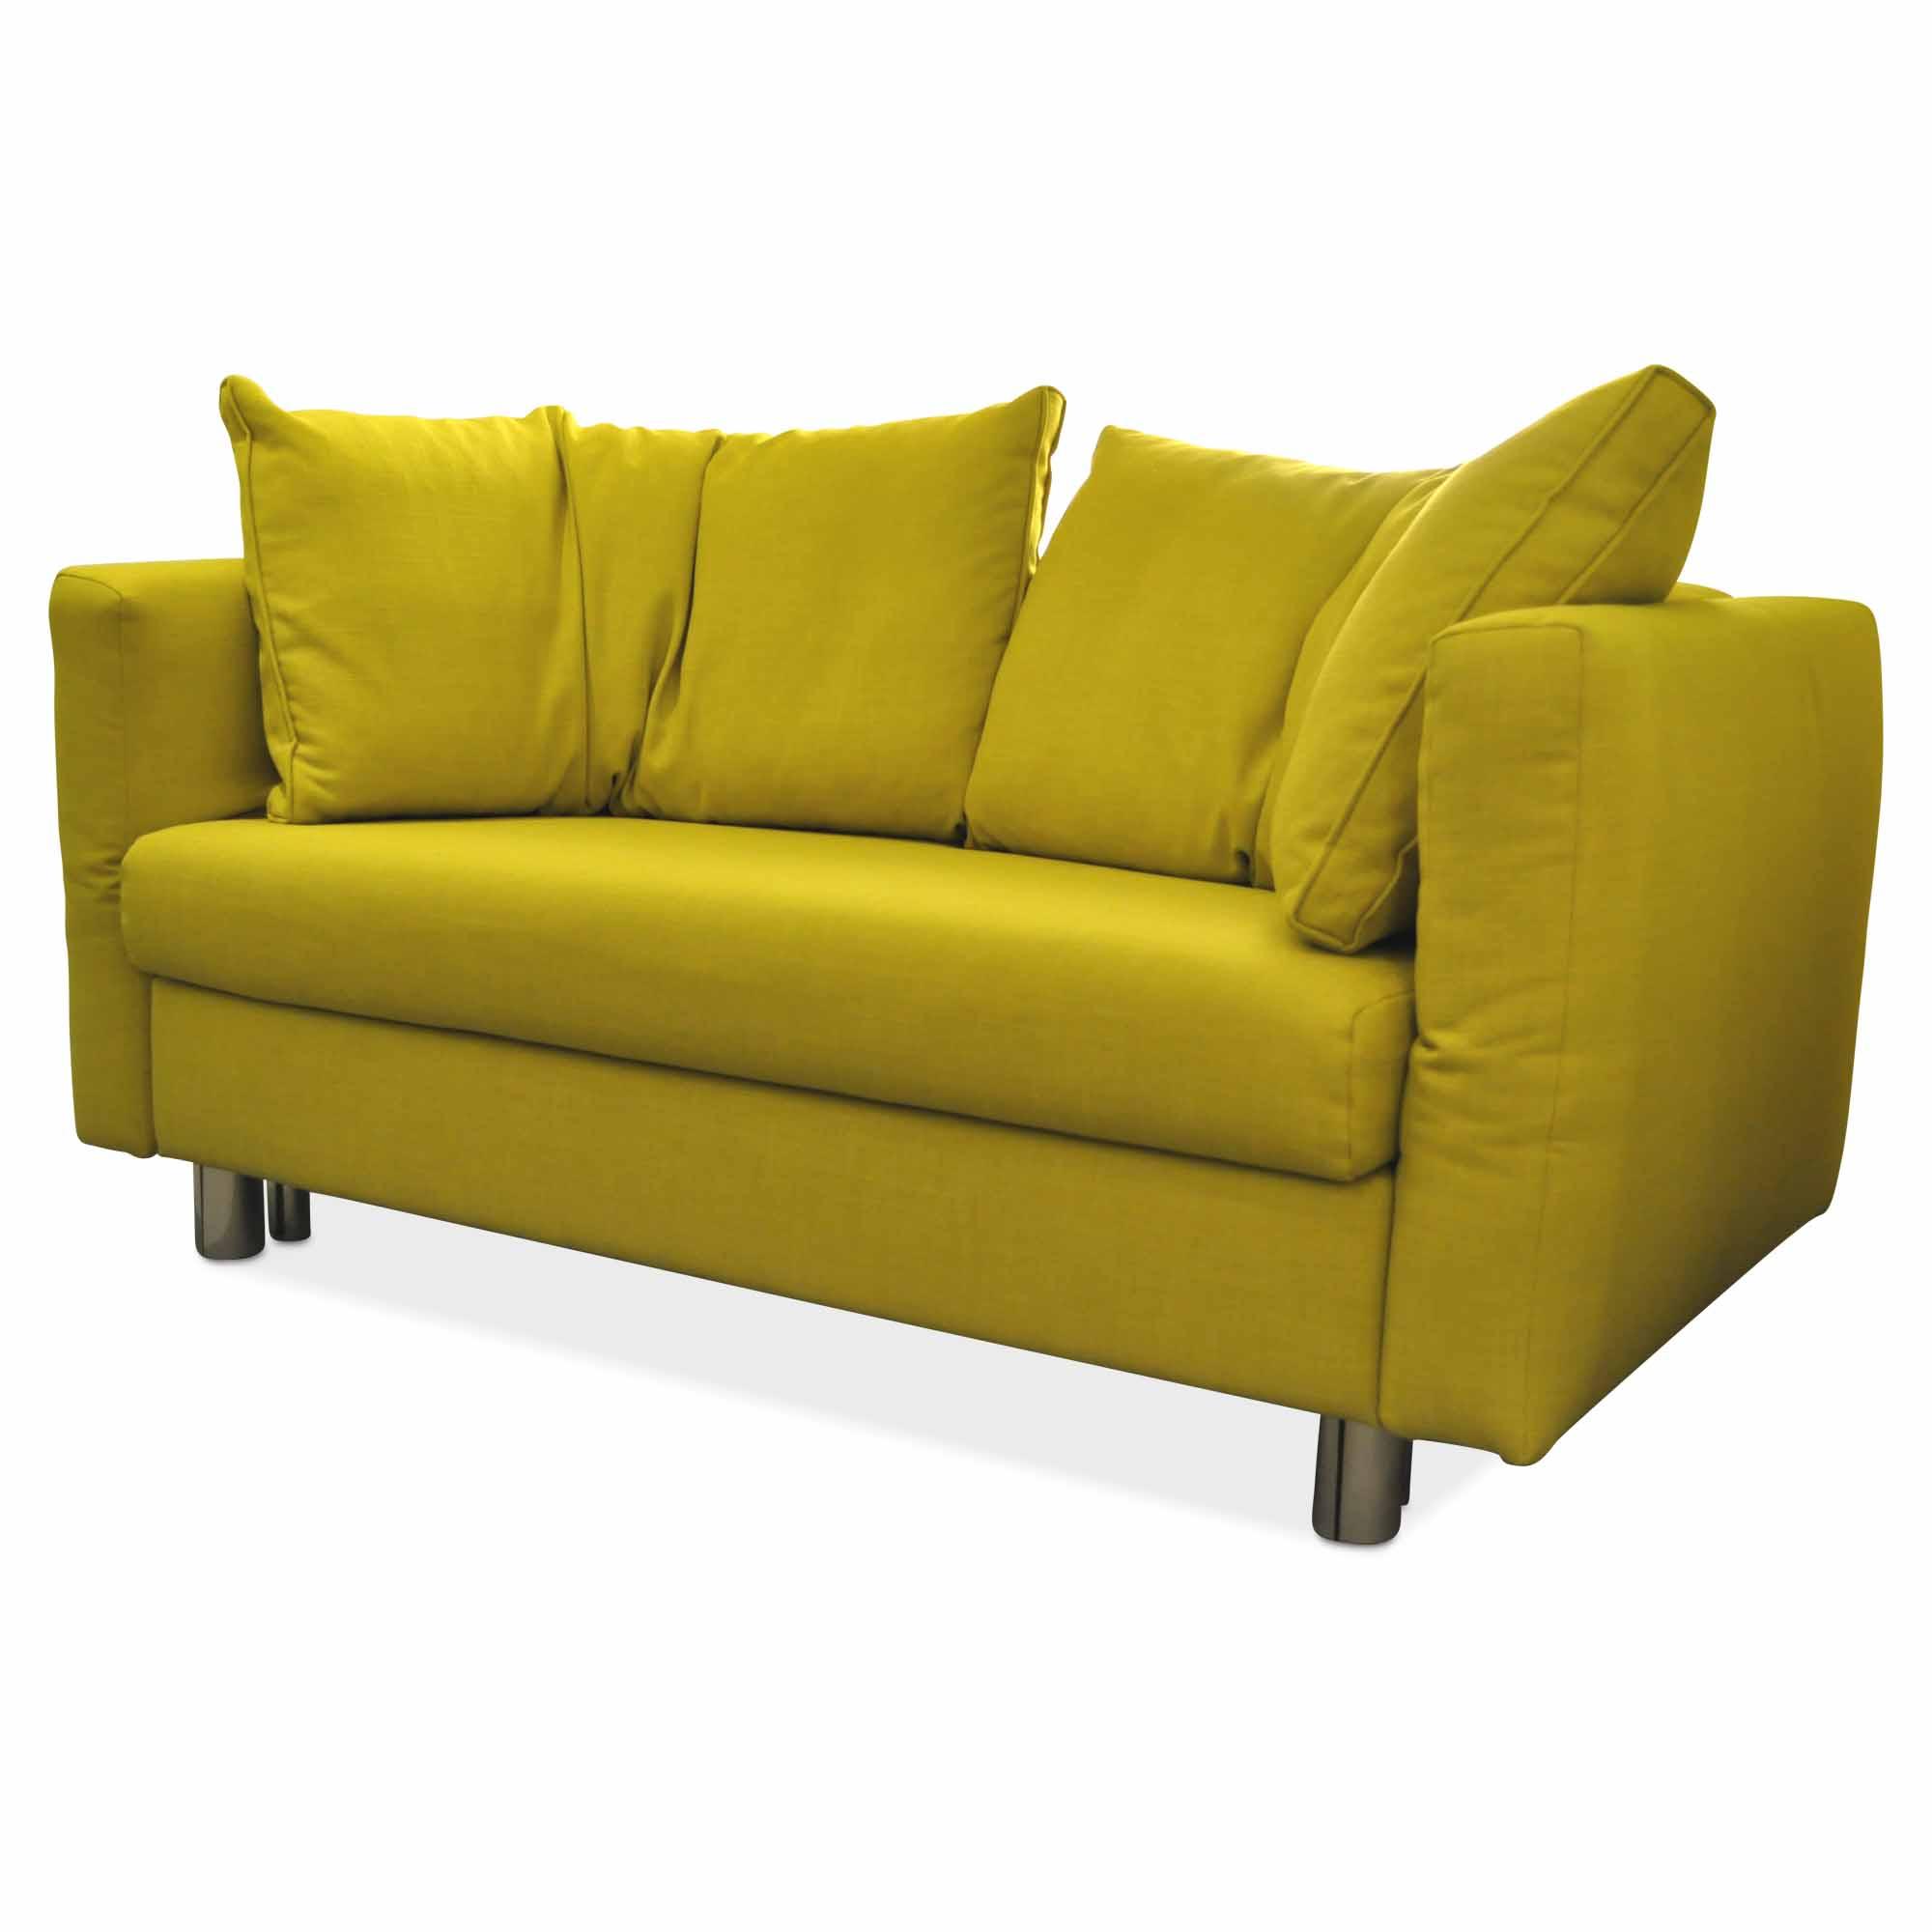 gnstige sofas online awesome large size of leder braun. Black Bedroom Furniture Sets. Home Design Ideas